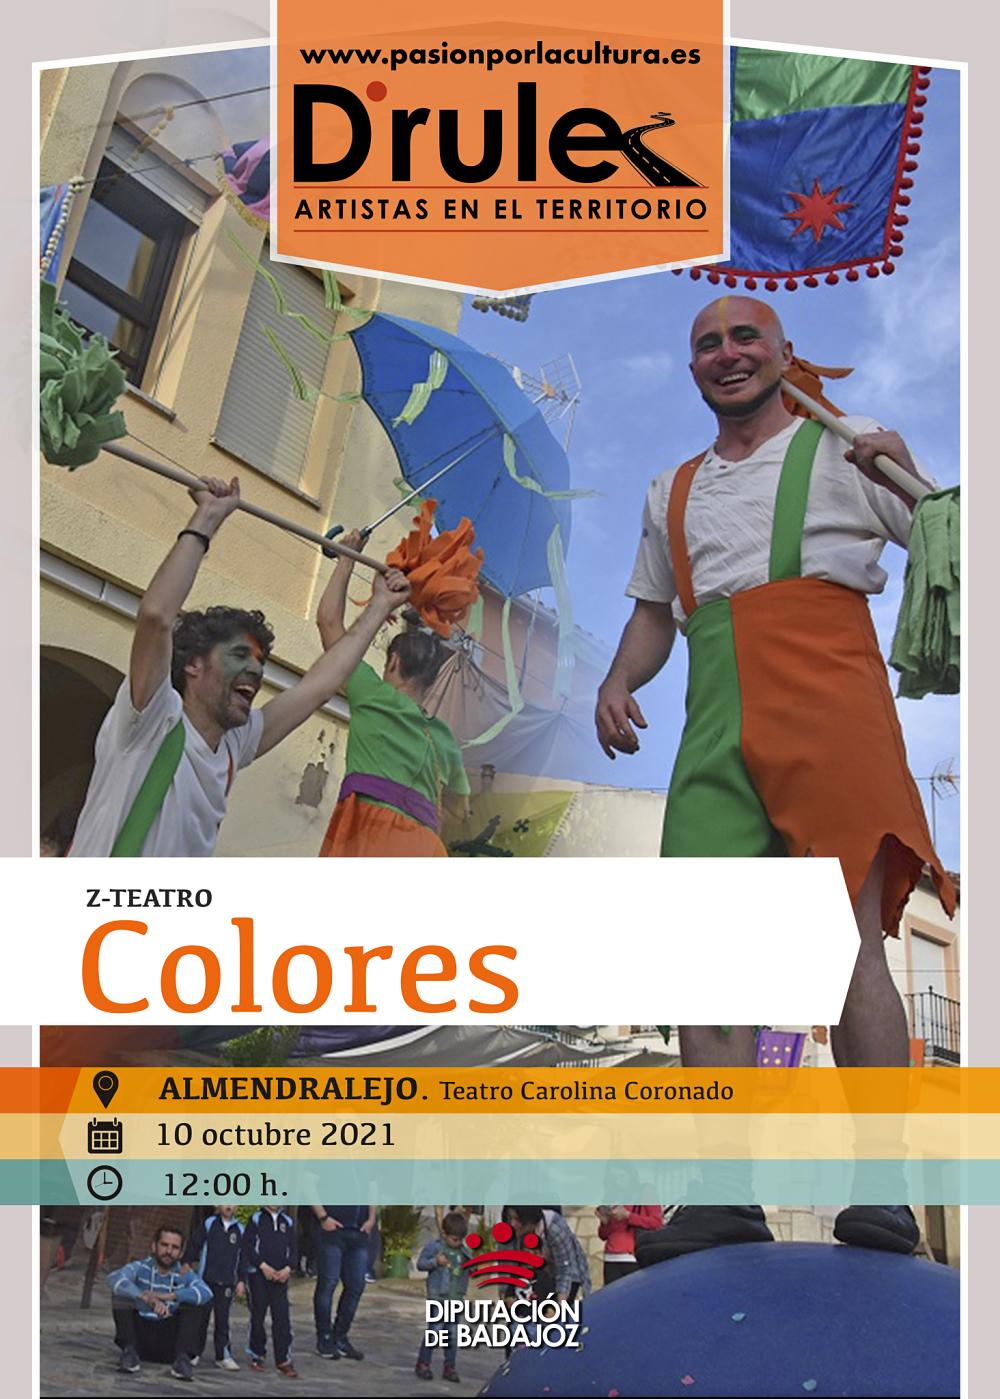 Imagen del Evento Colores